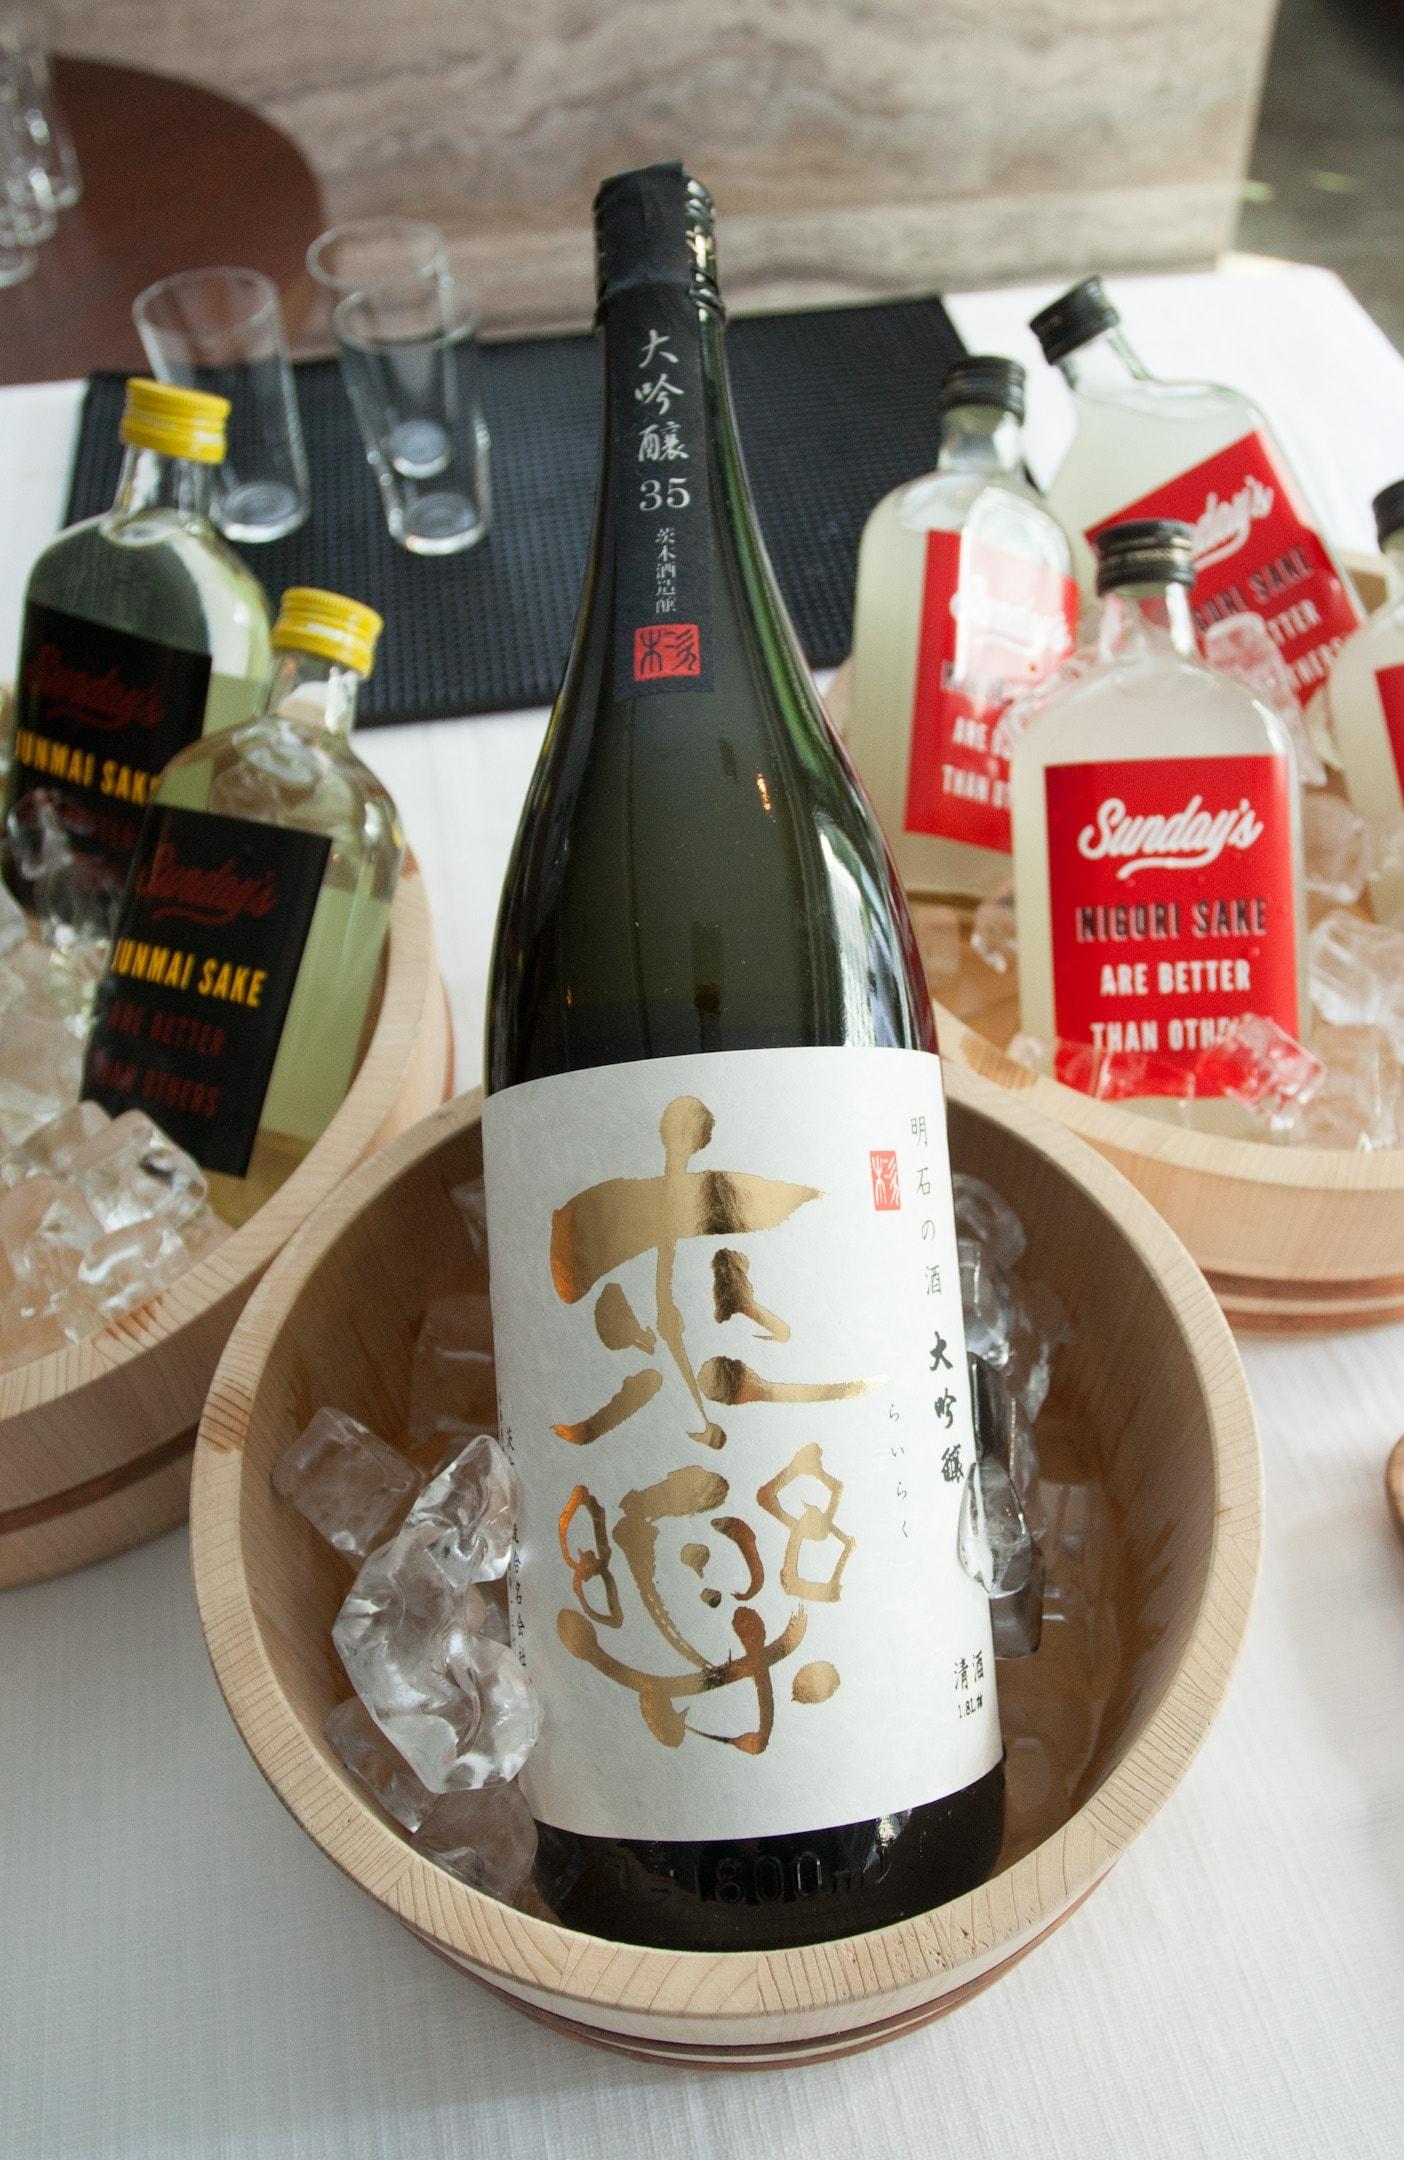 Taste of Hong Kong - RŌNIN's sake tasting